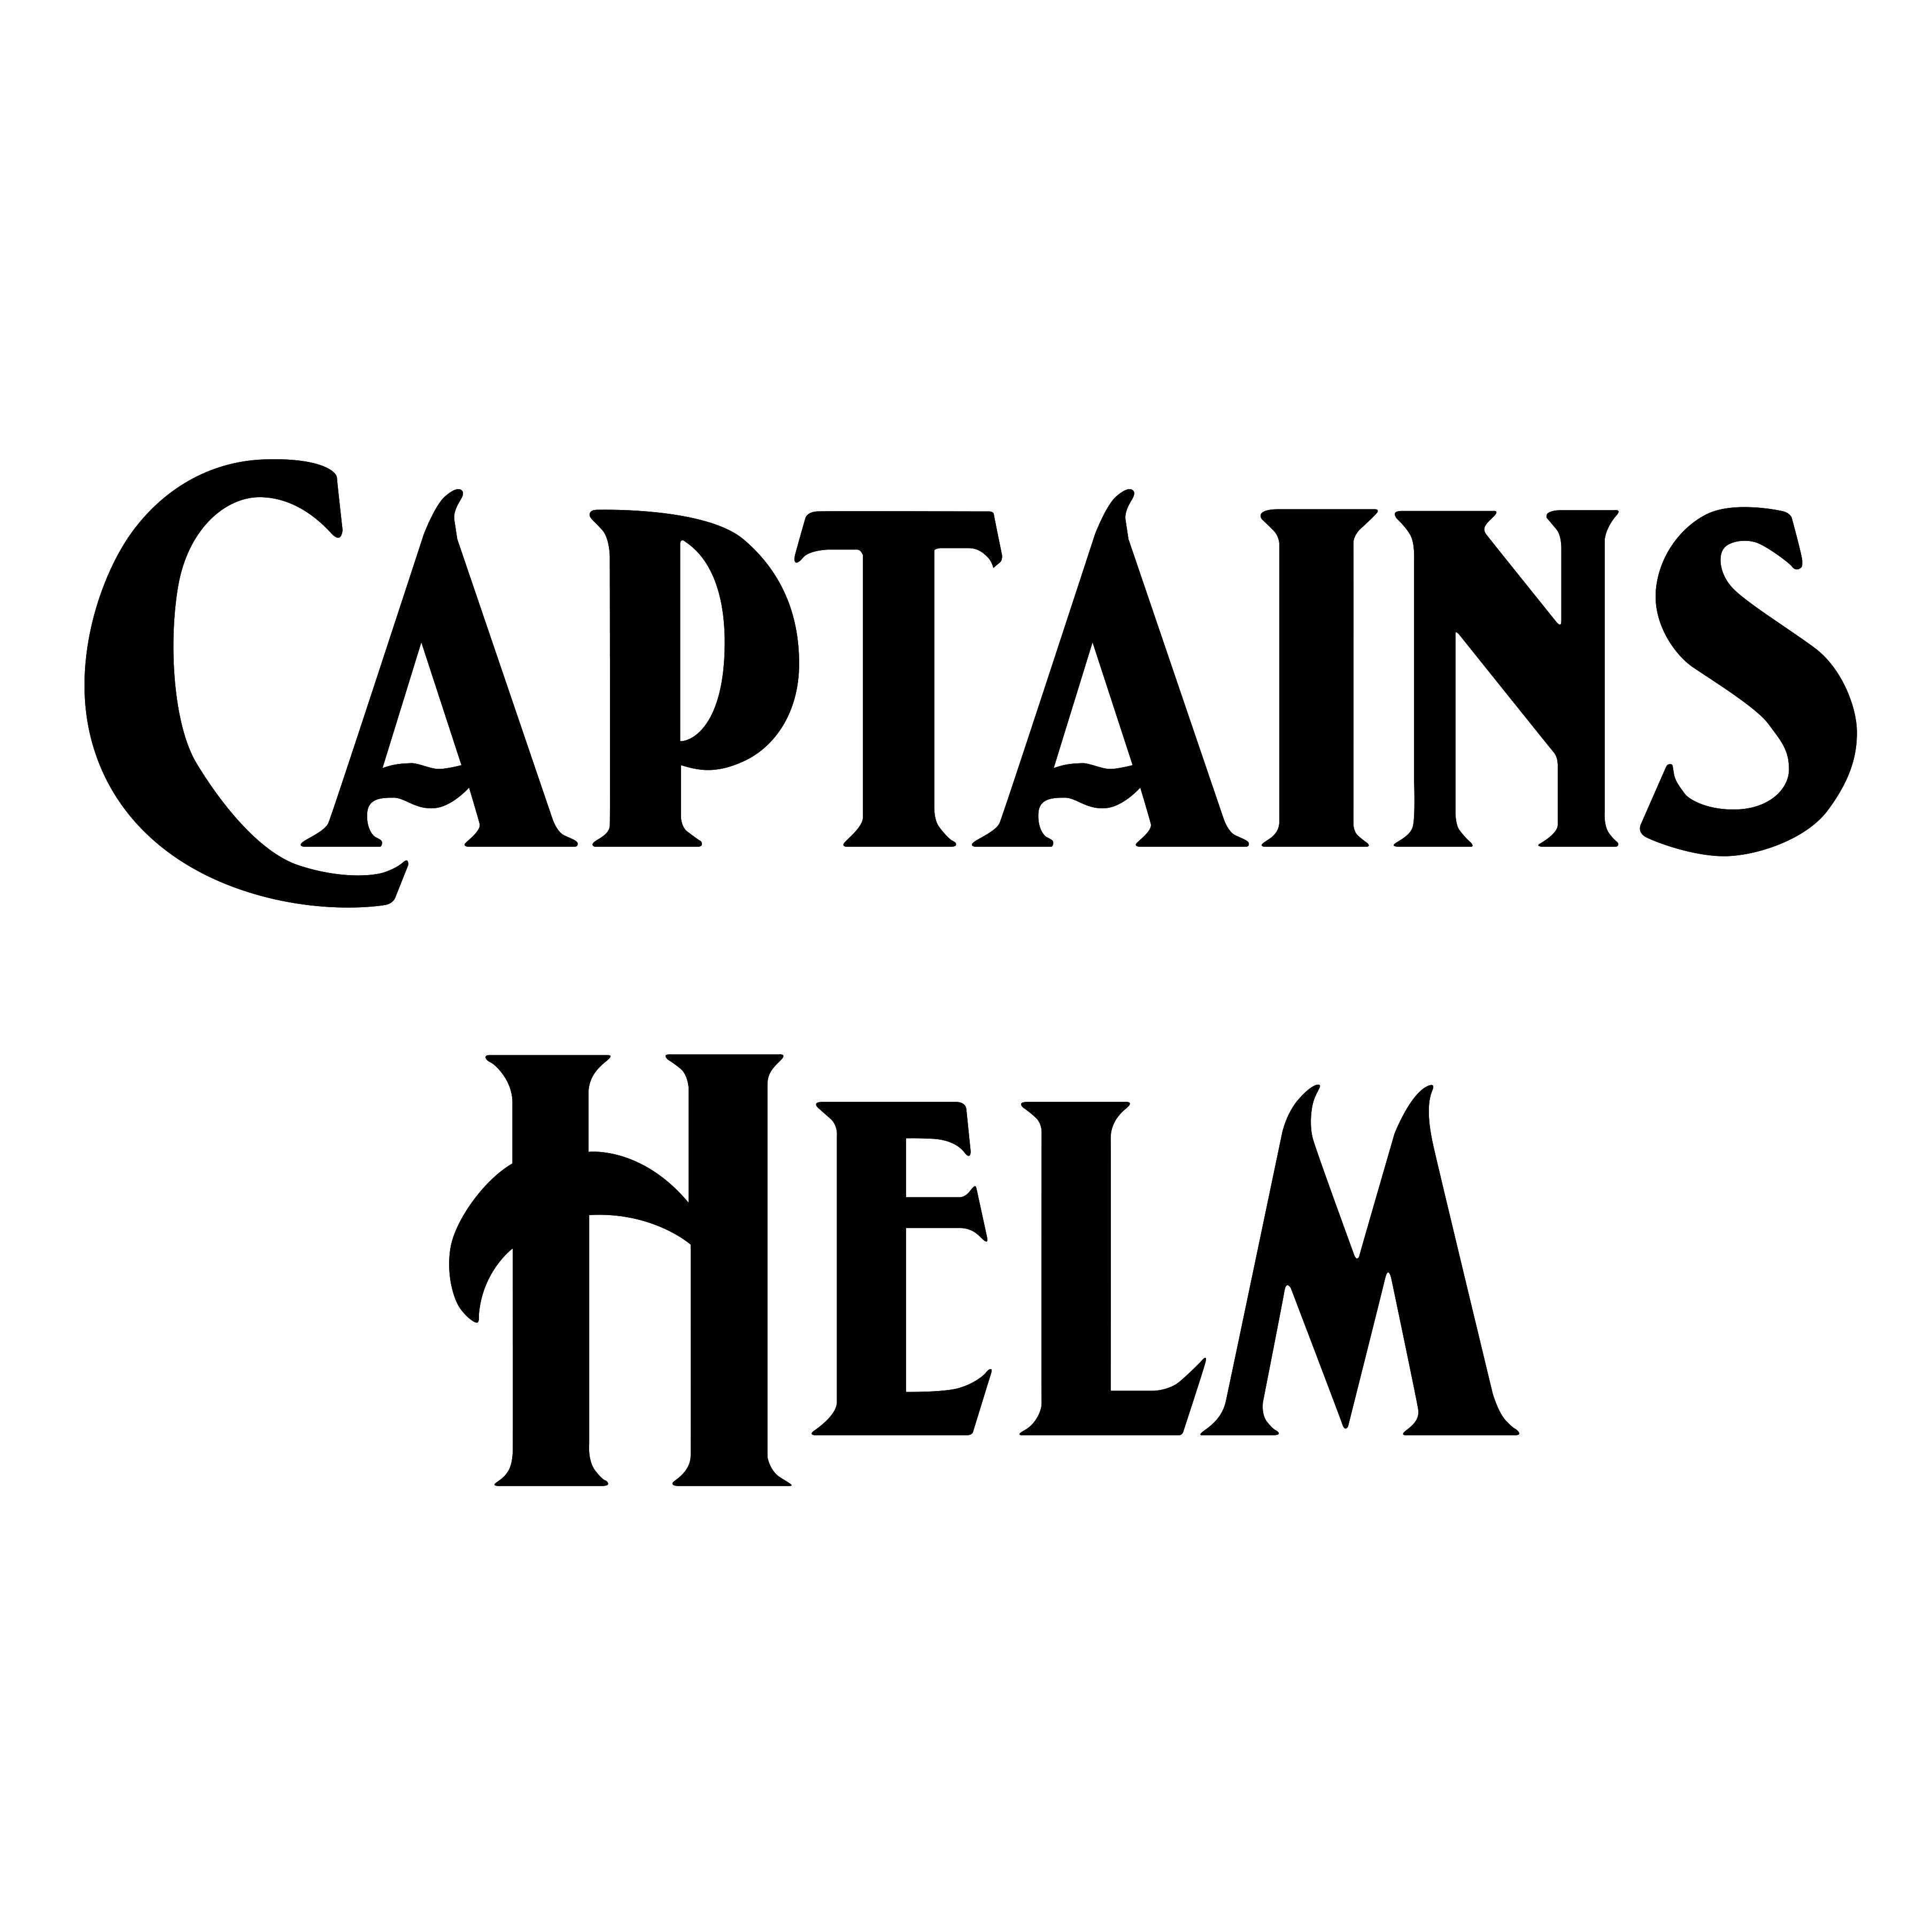 CAPTAINS HELM  WEB STORE